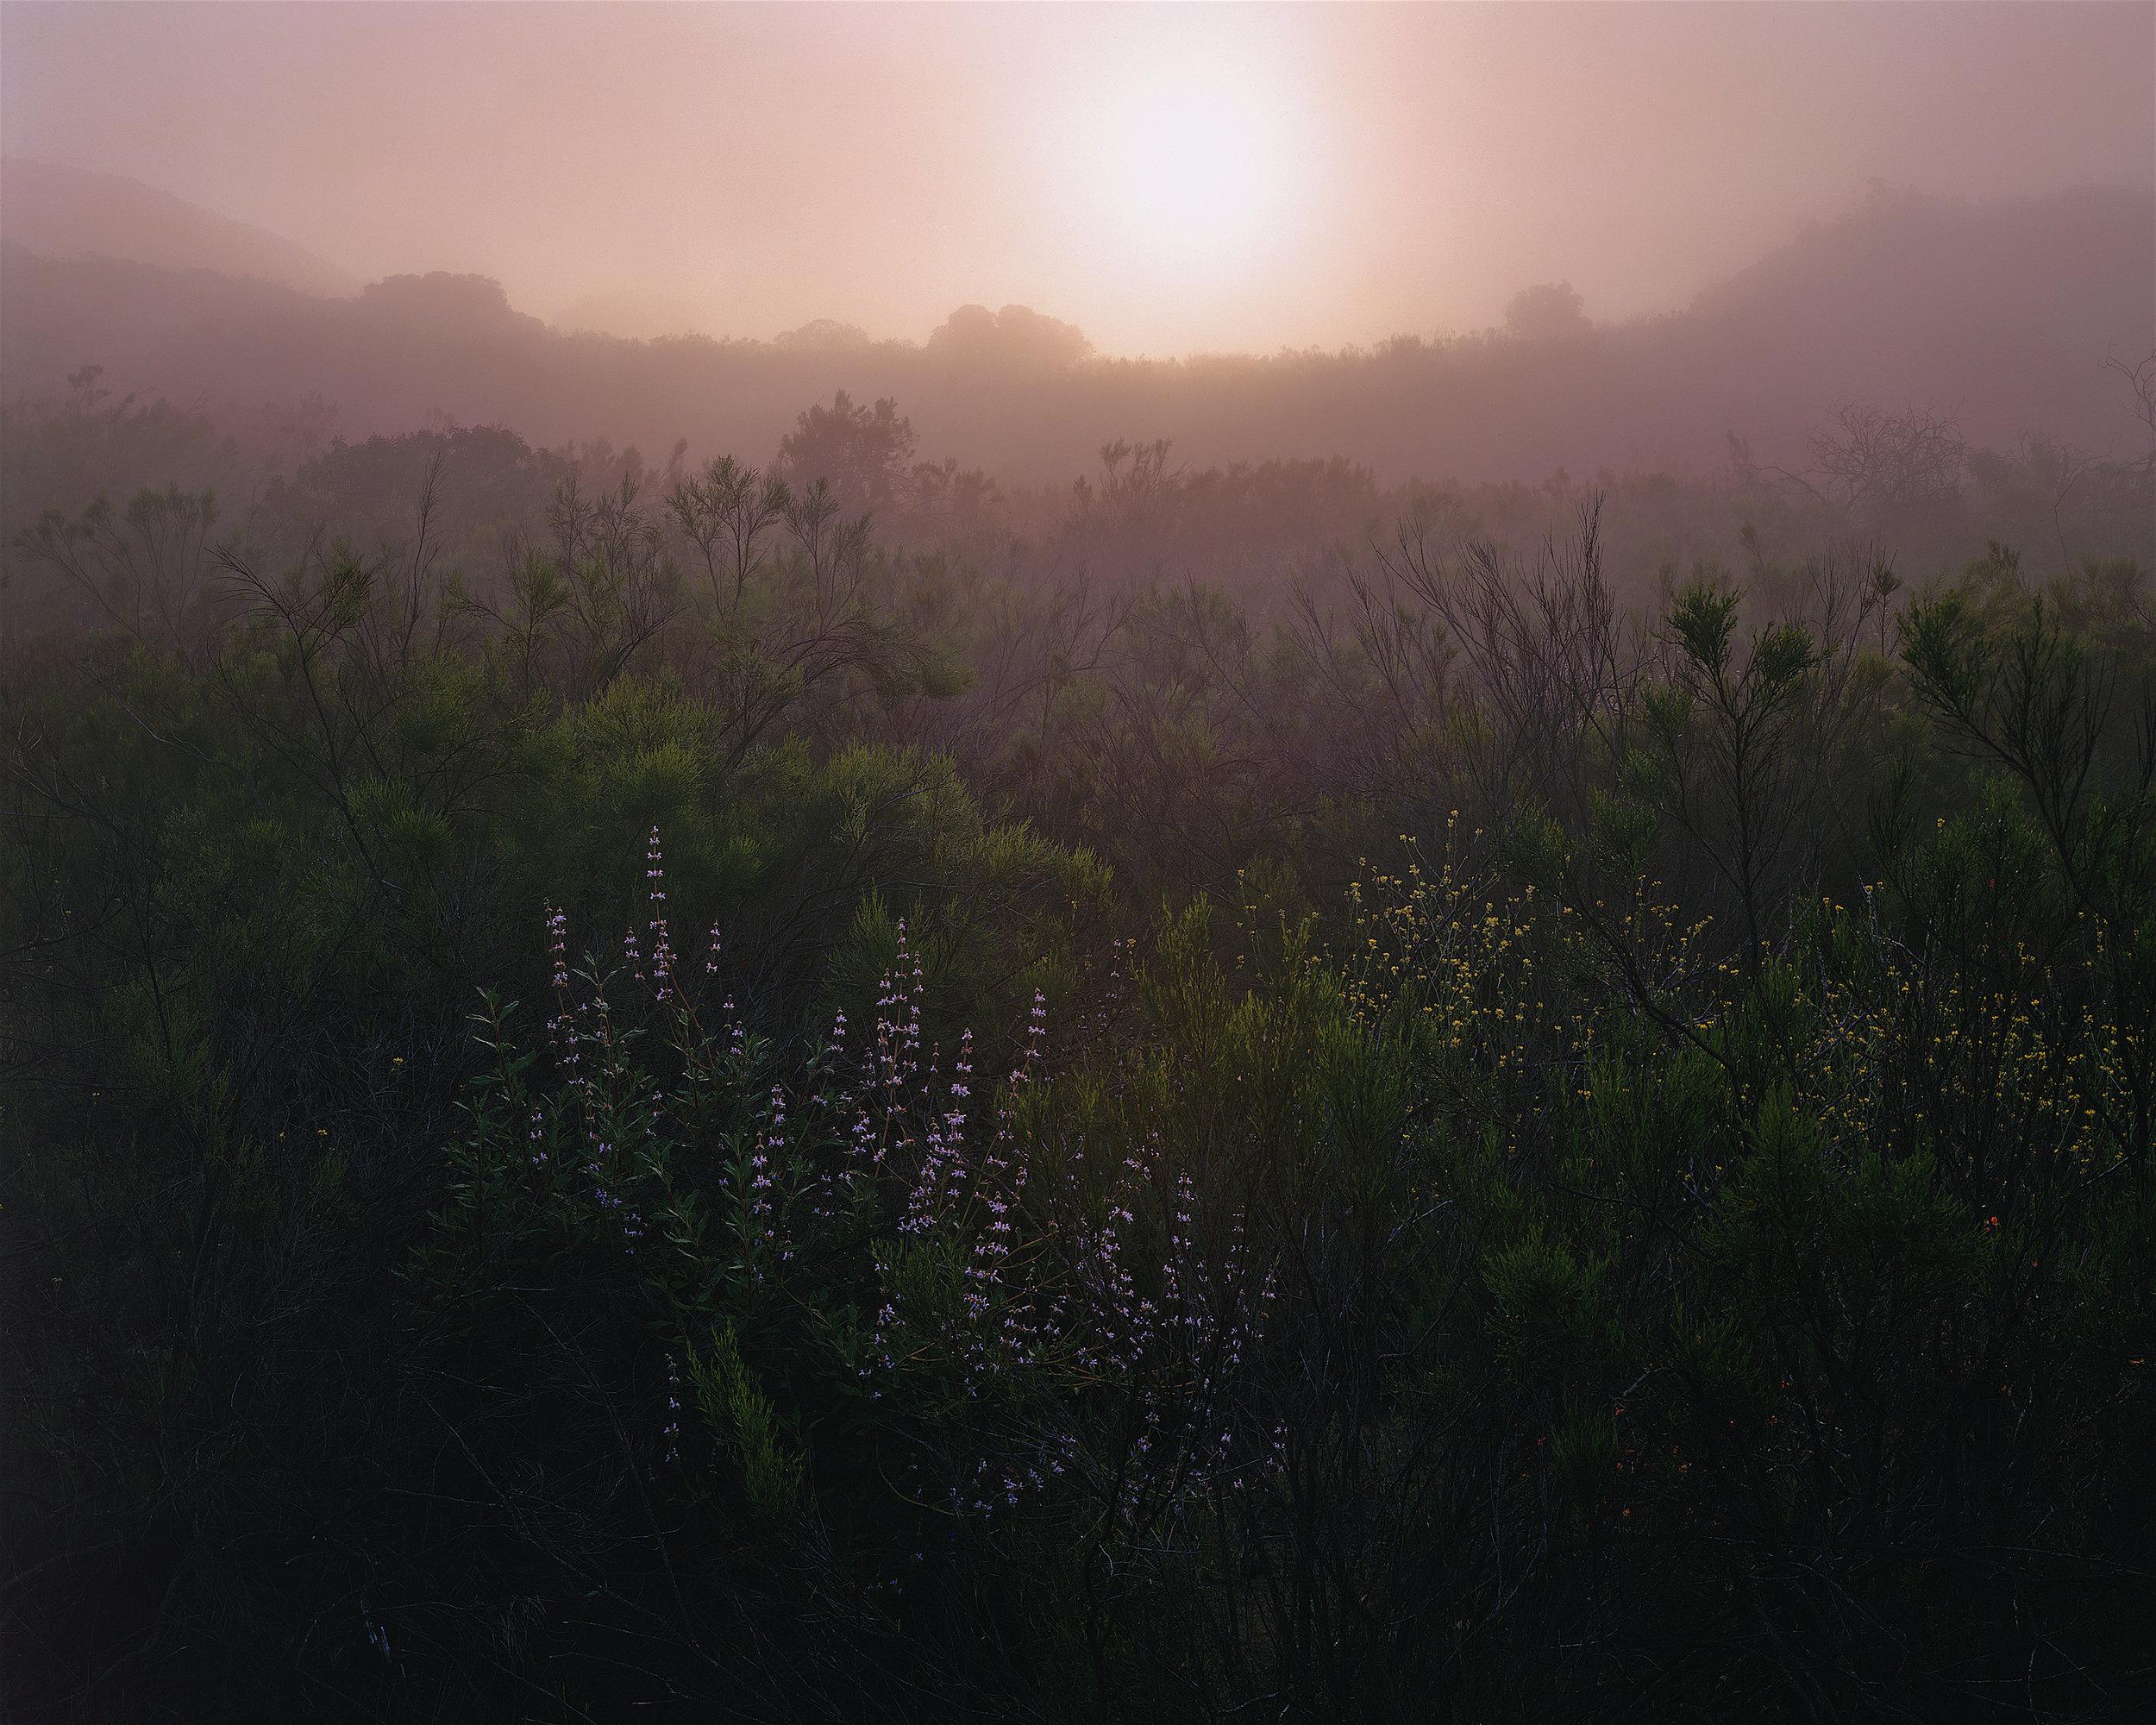 Sunrise through Fog